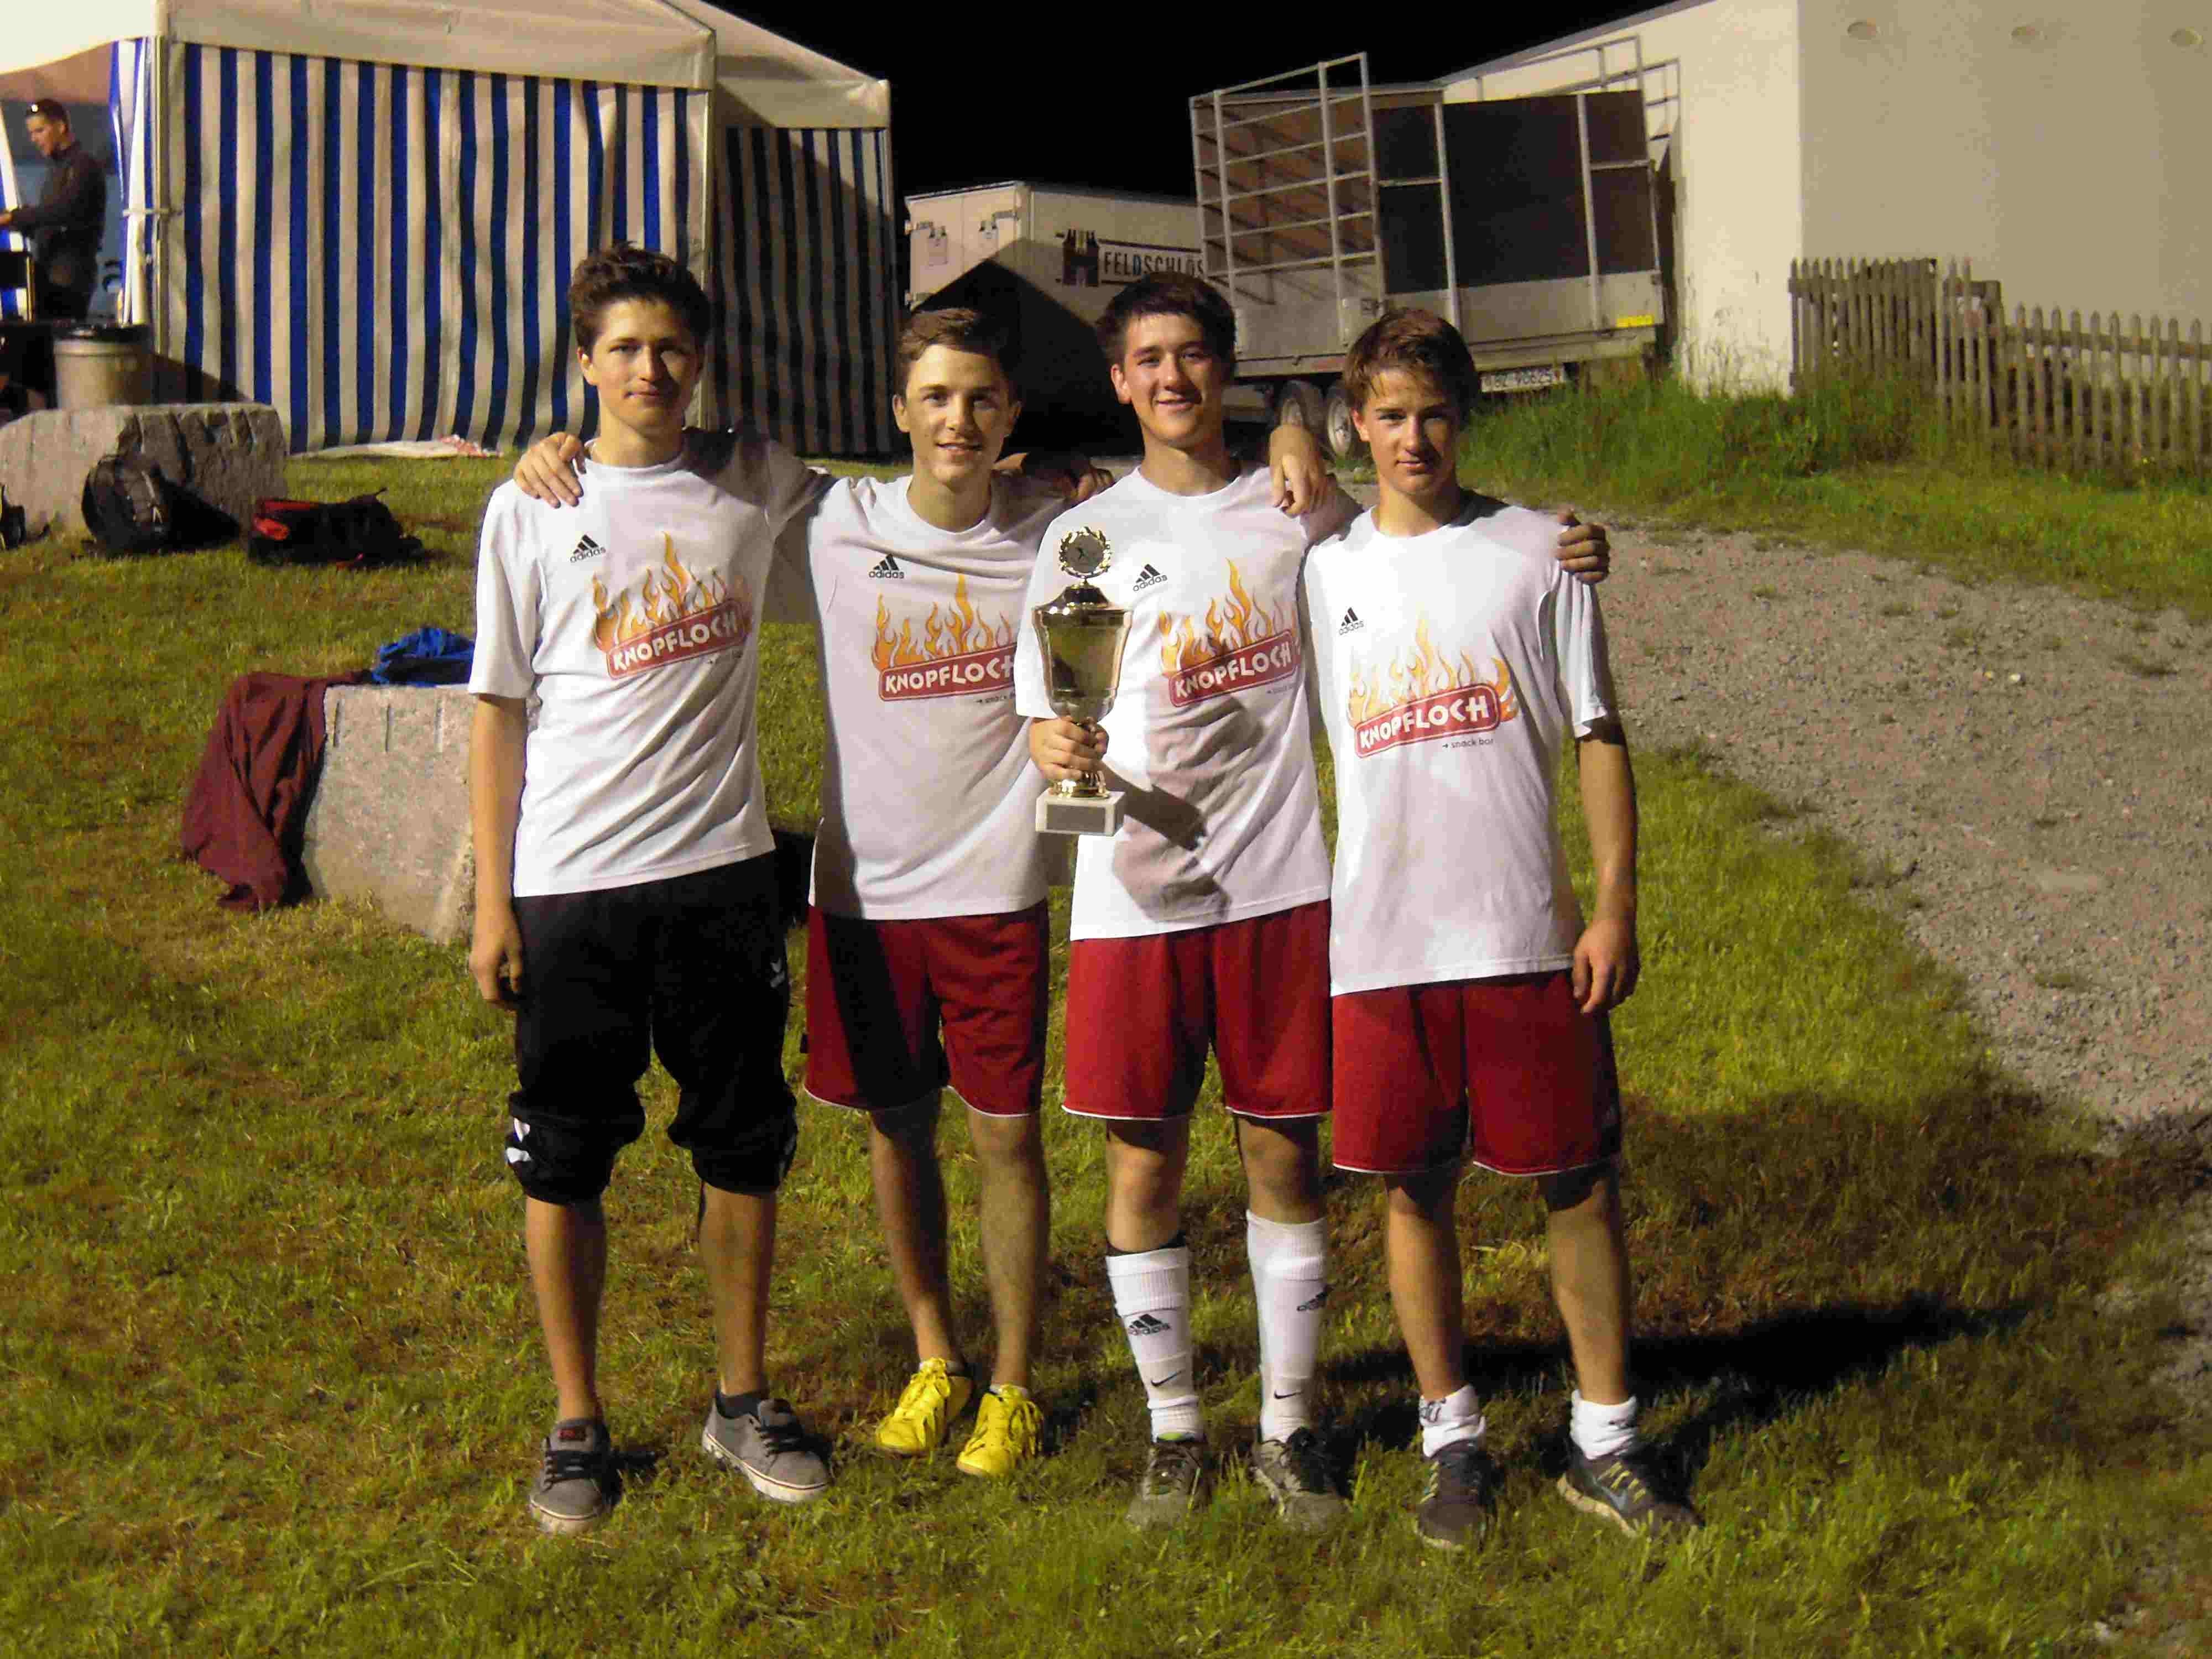 2016 Street Soccer